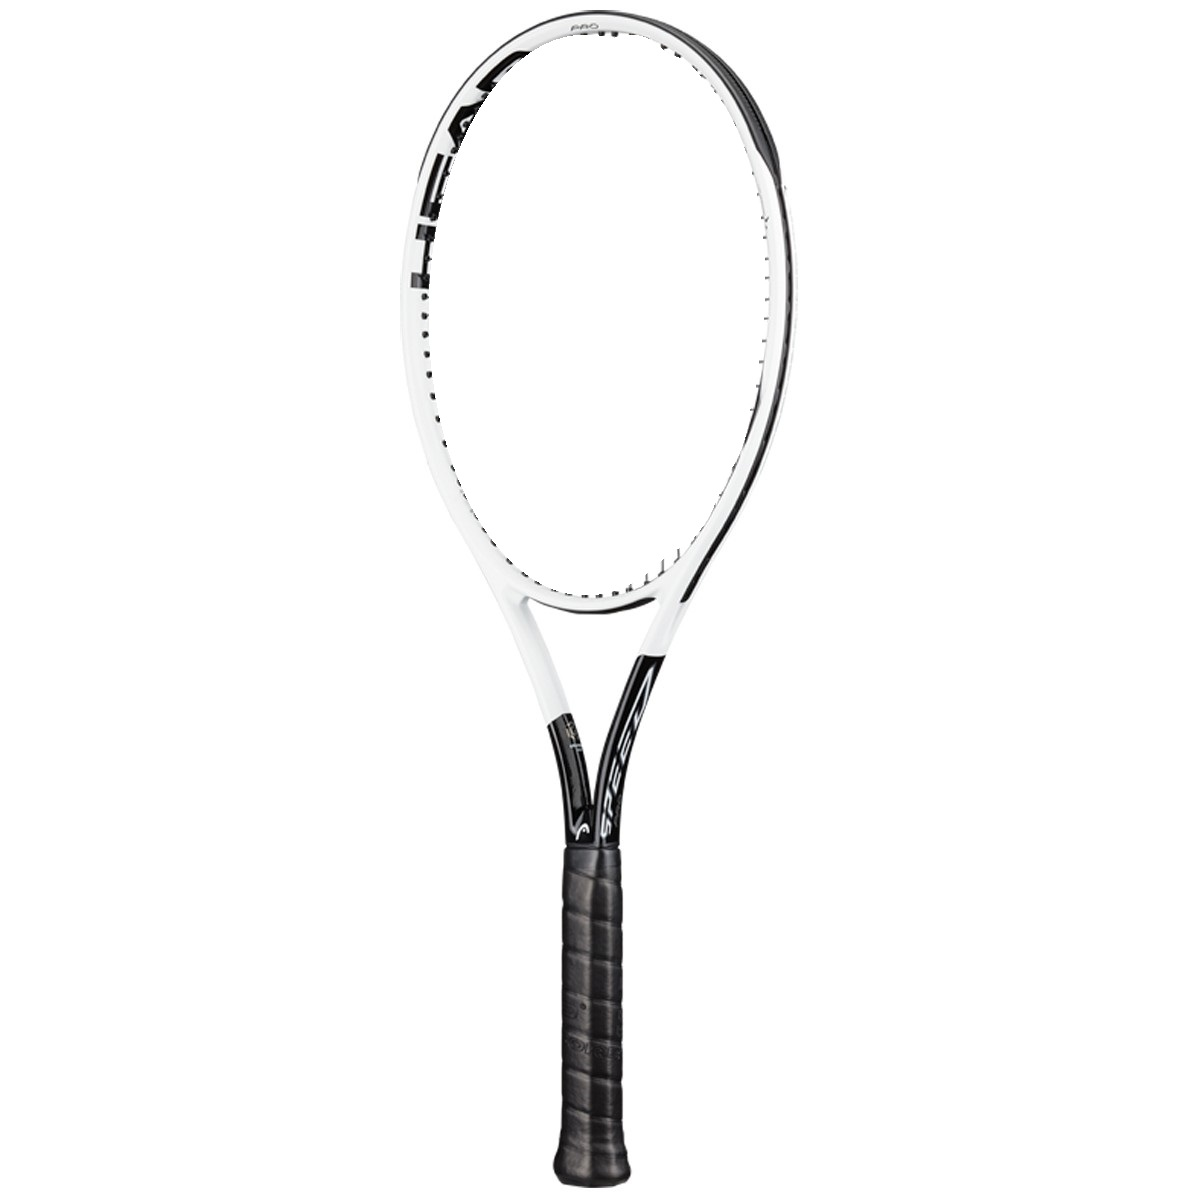 【2020モデル】 ヘッド グラフィン360 スピード PRO HEAD GRAPHENE 360 SPEED 310g テニスラケット